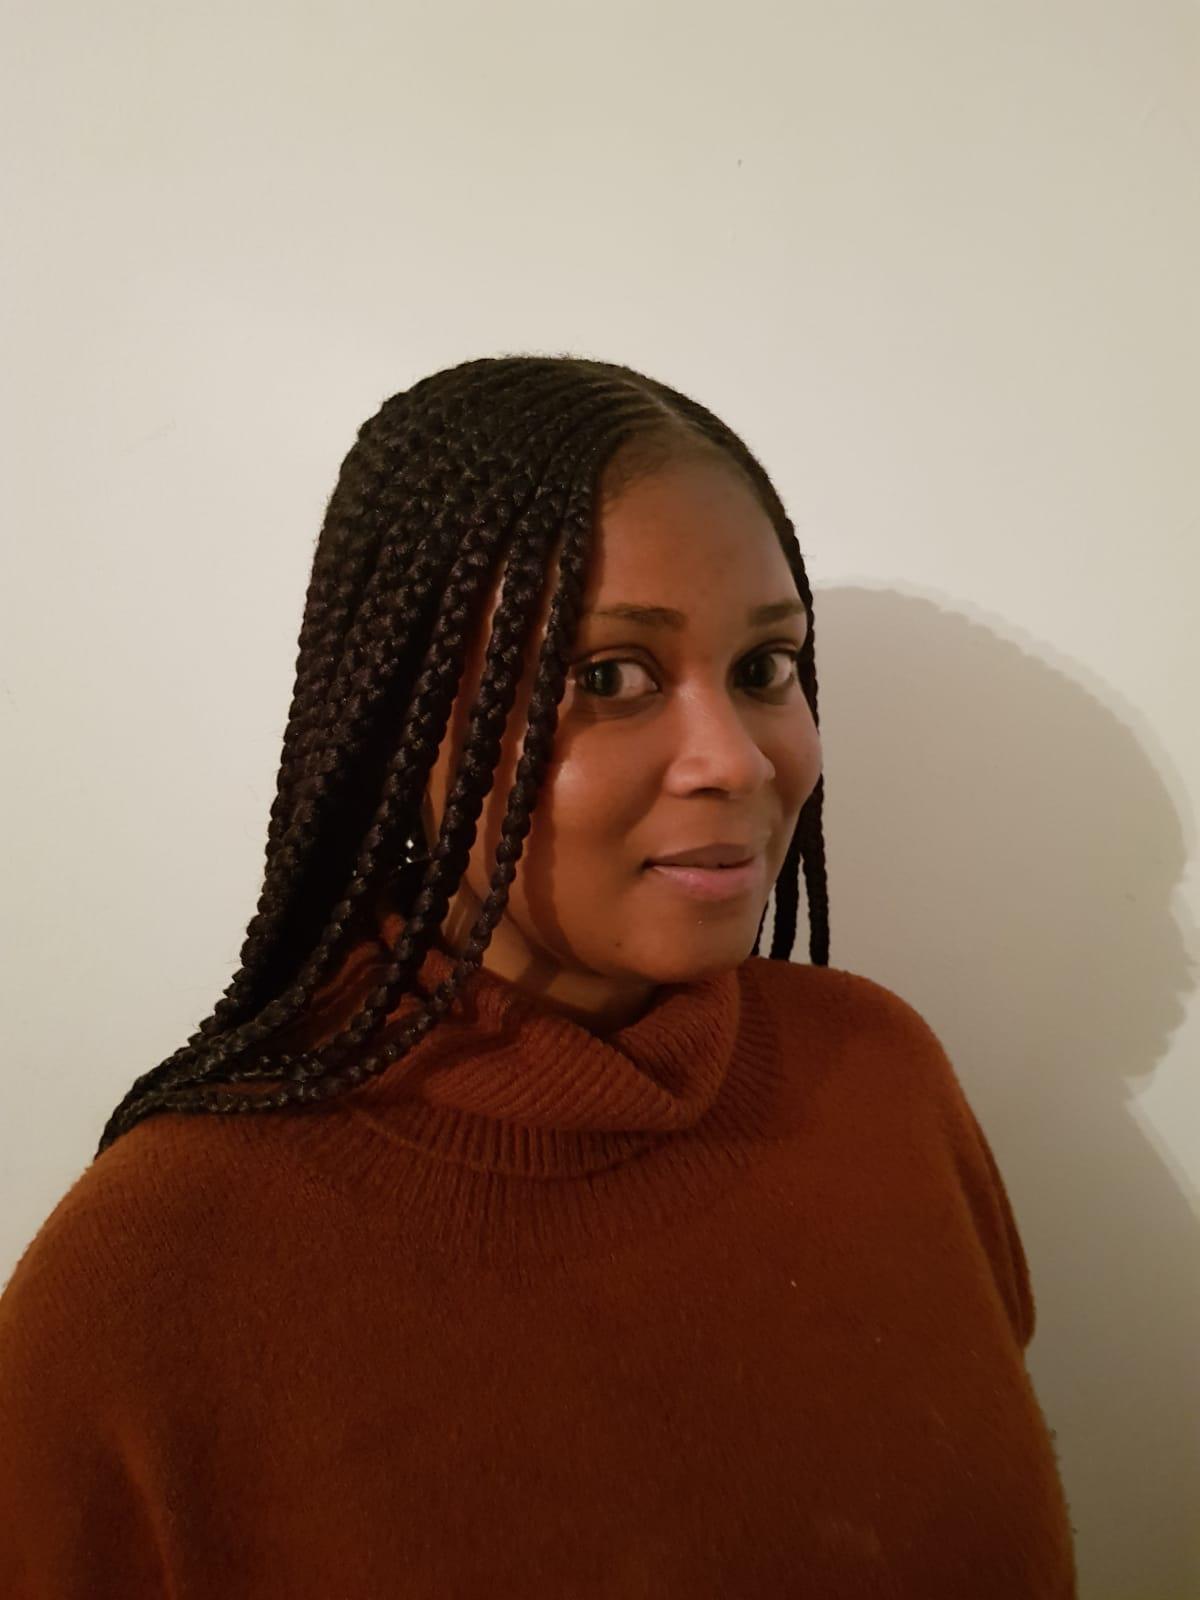 salon de coiffure afro tresse tresses box braids crochet braids vanilles tissages paris 75 77 78 91 92 93 94 95 VFEQQDSF